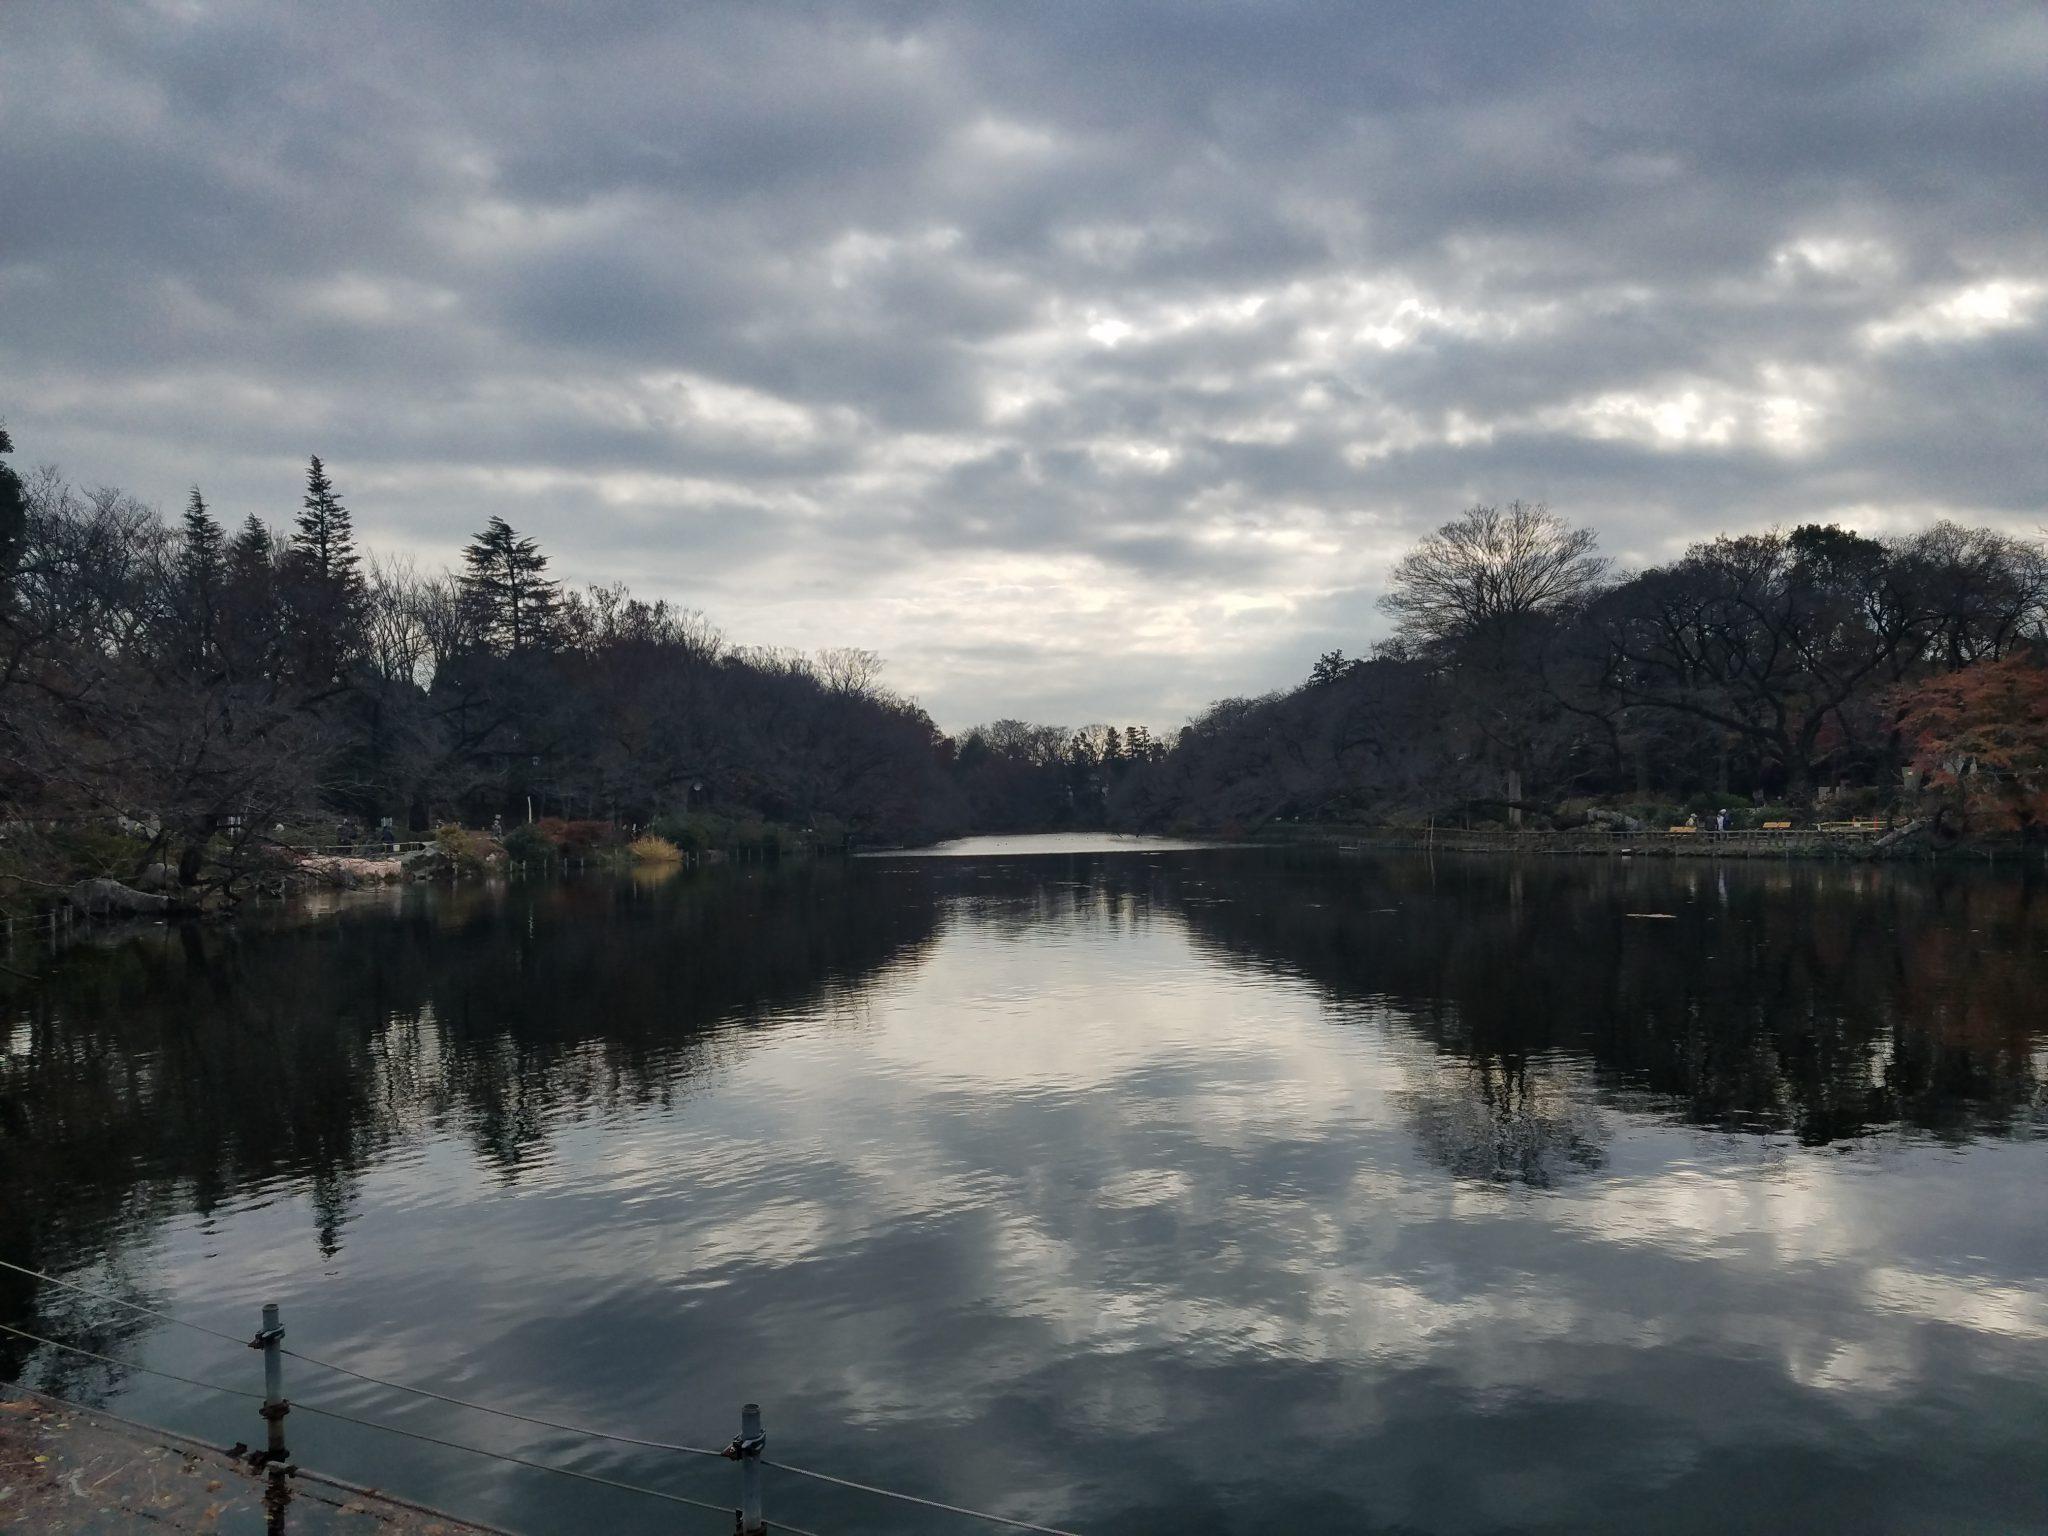 Inokashira Park Kichijoji reflections